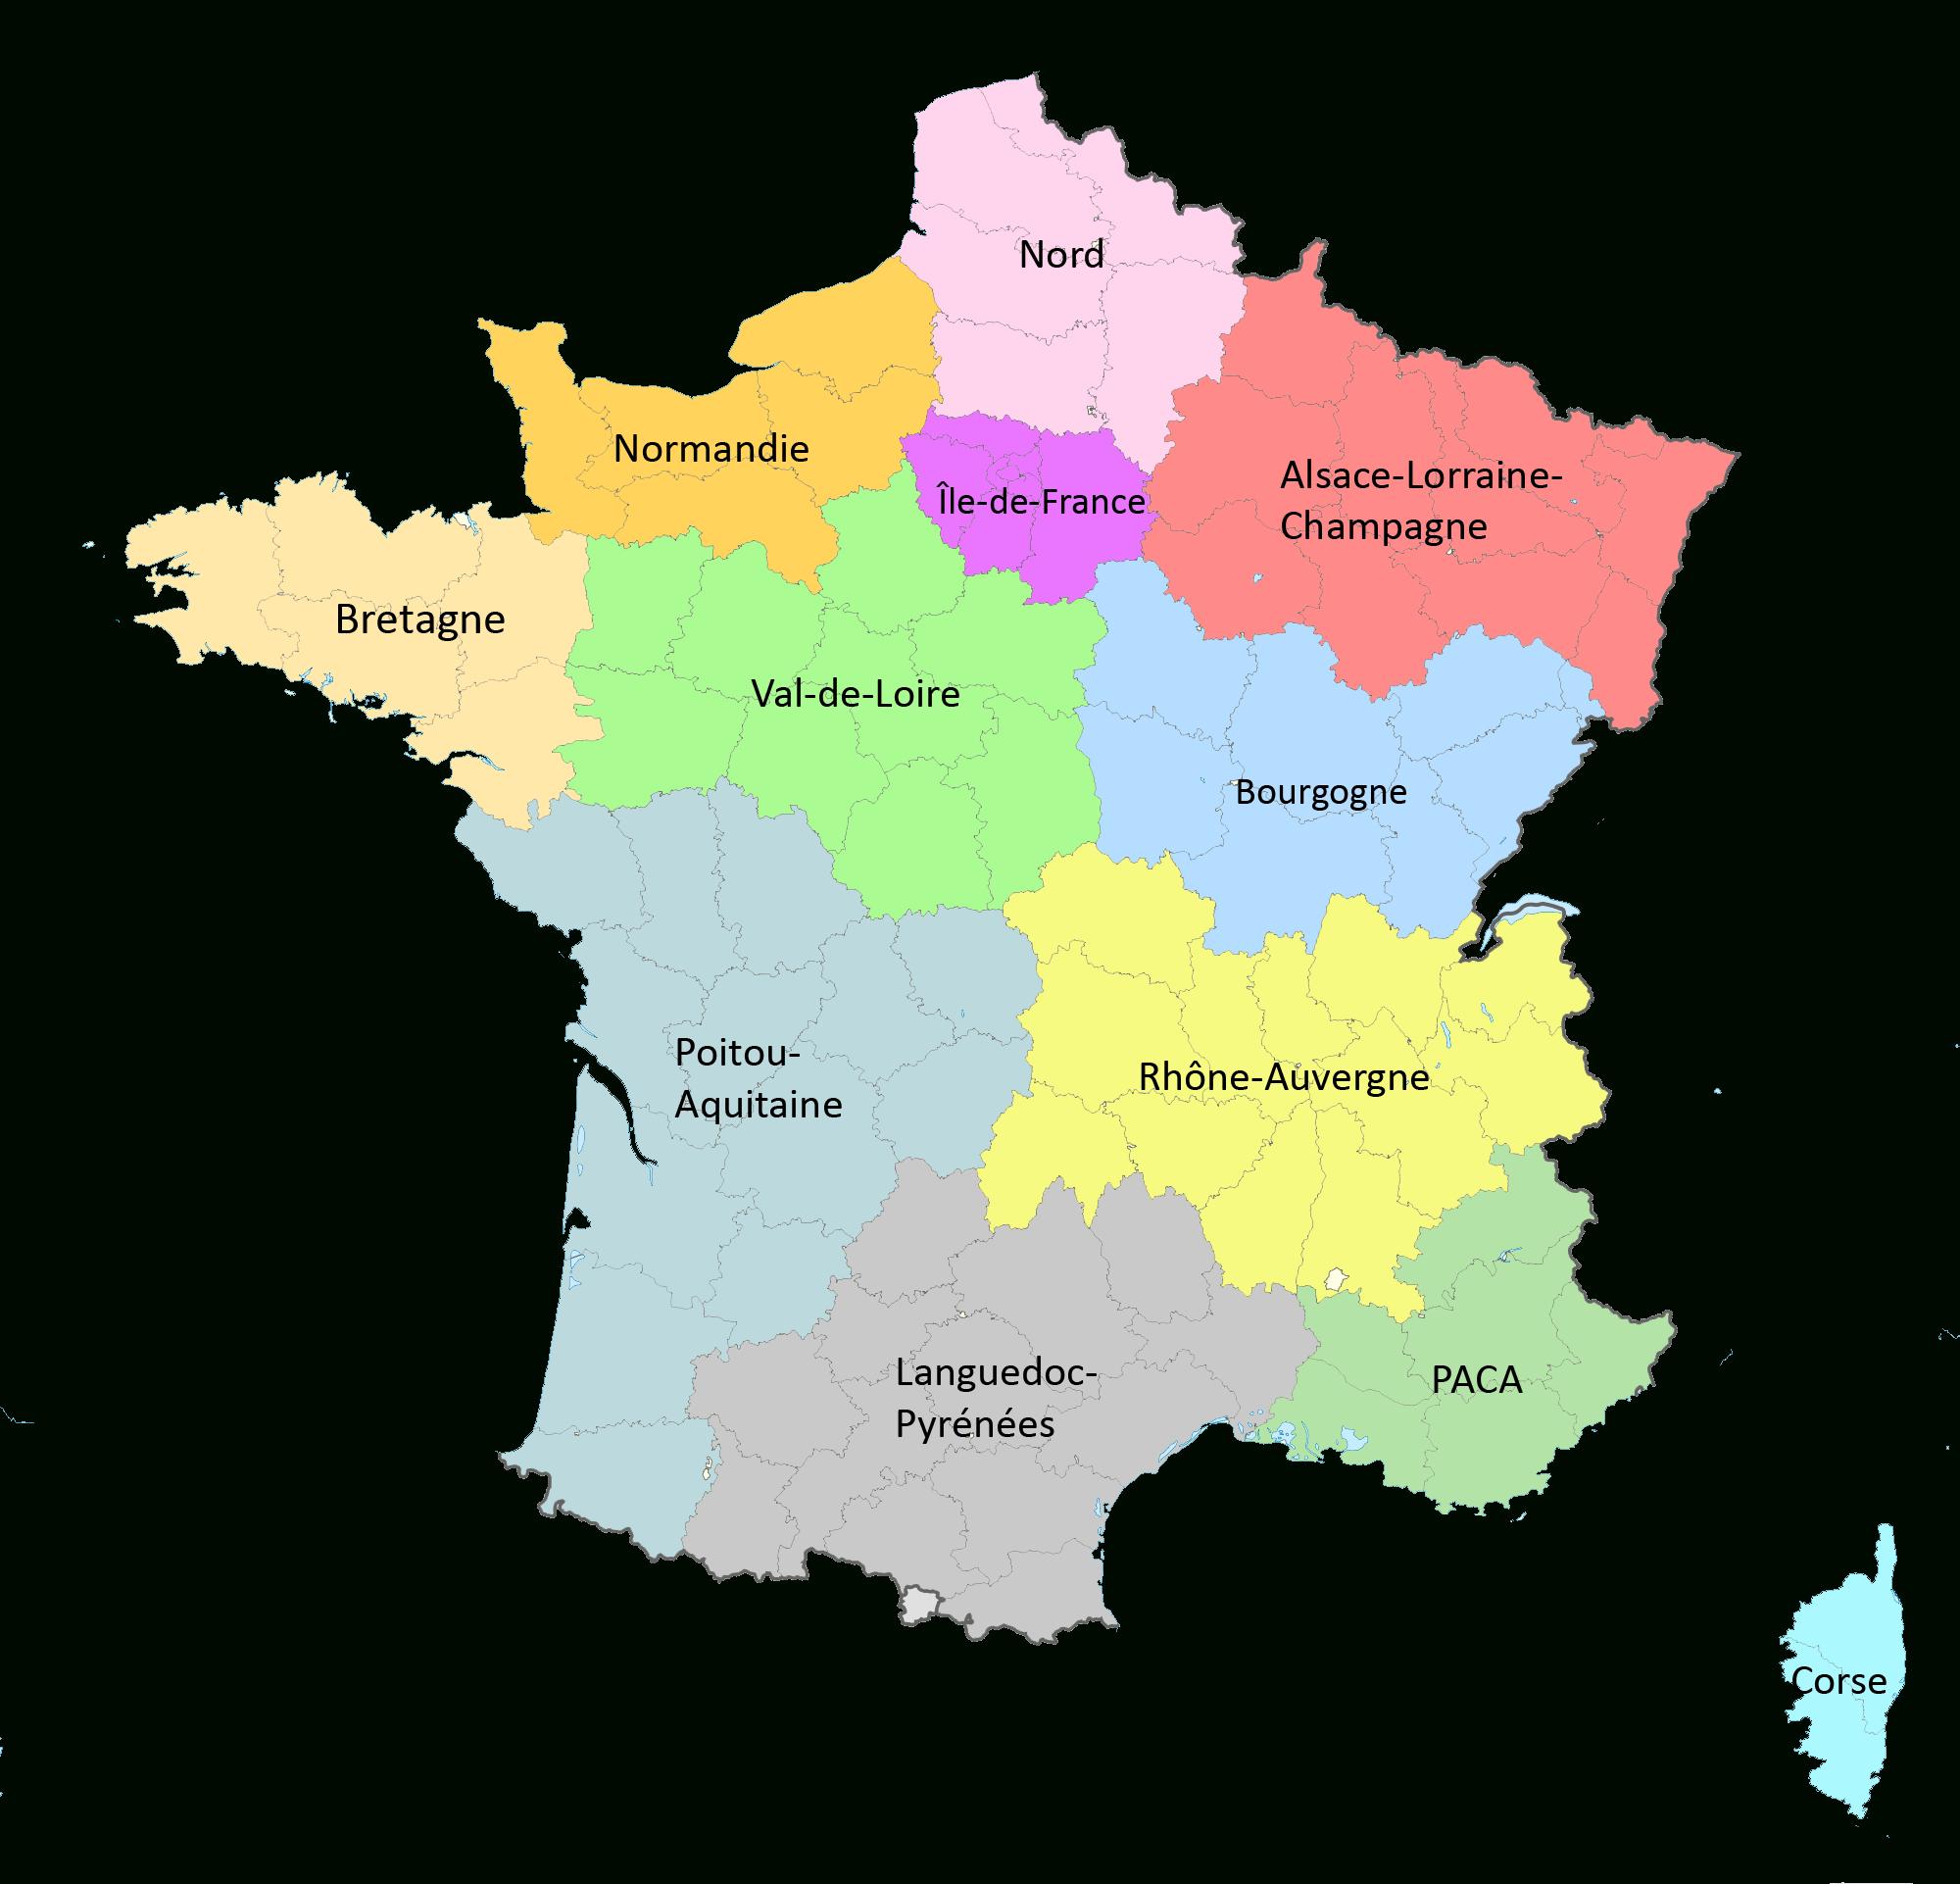 Réforme Territoriale : Une Nouvelle Carte À 12 Régions concernant Carte Nouvelles Régions De France